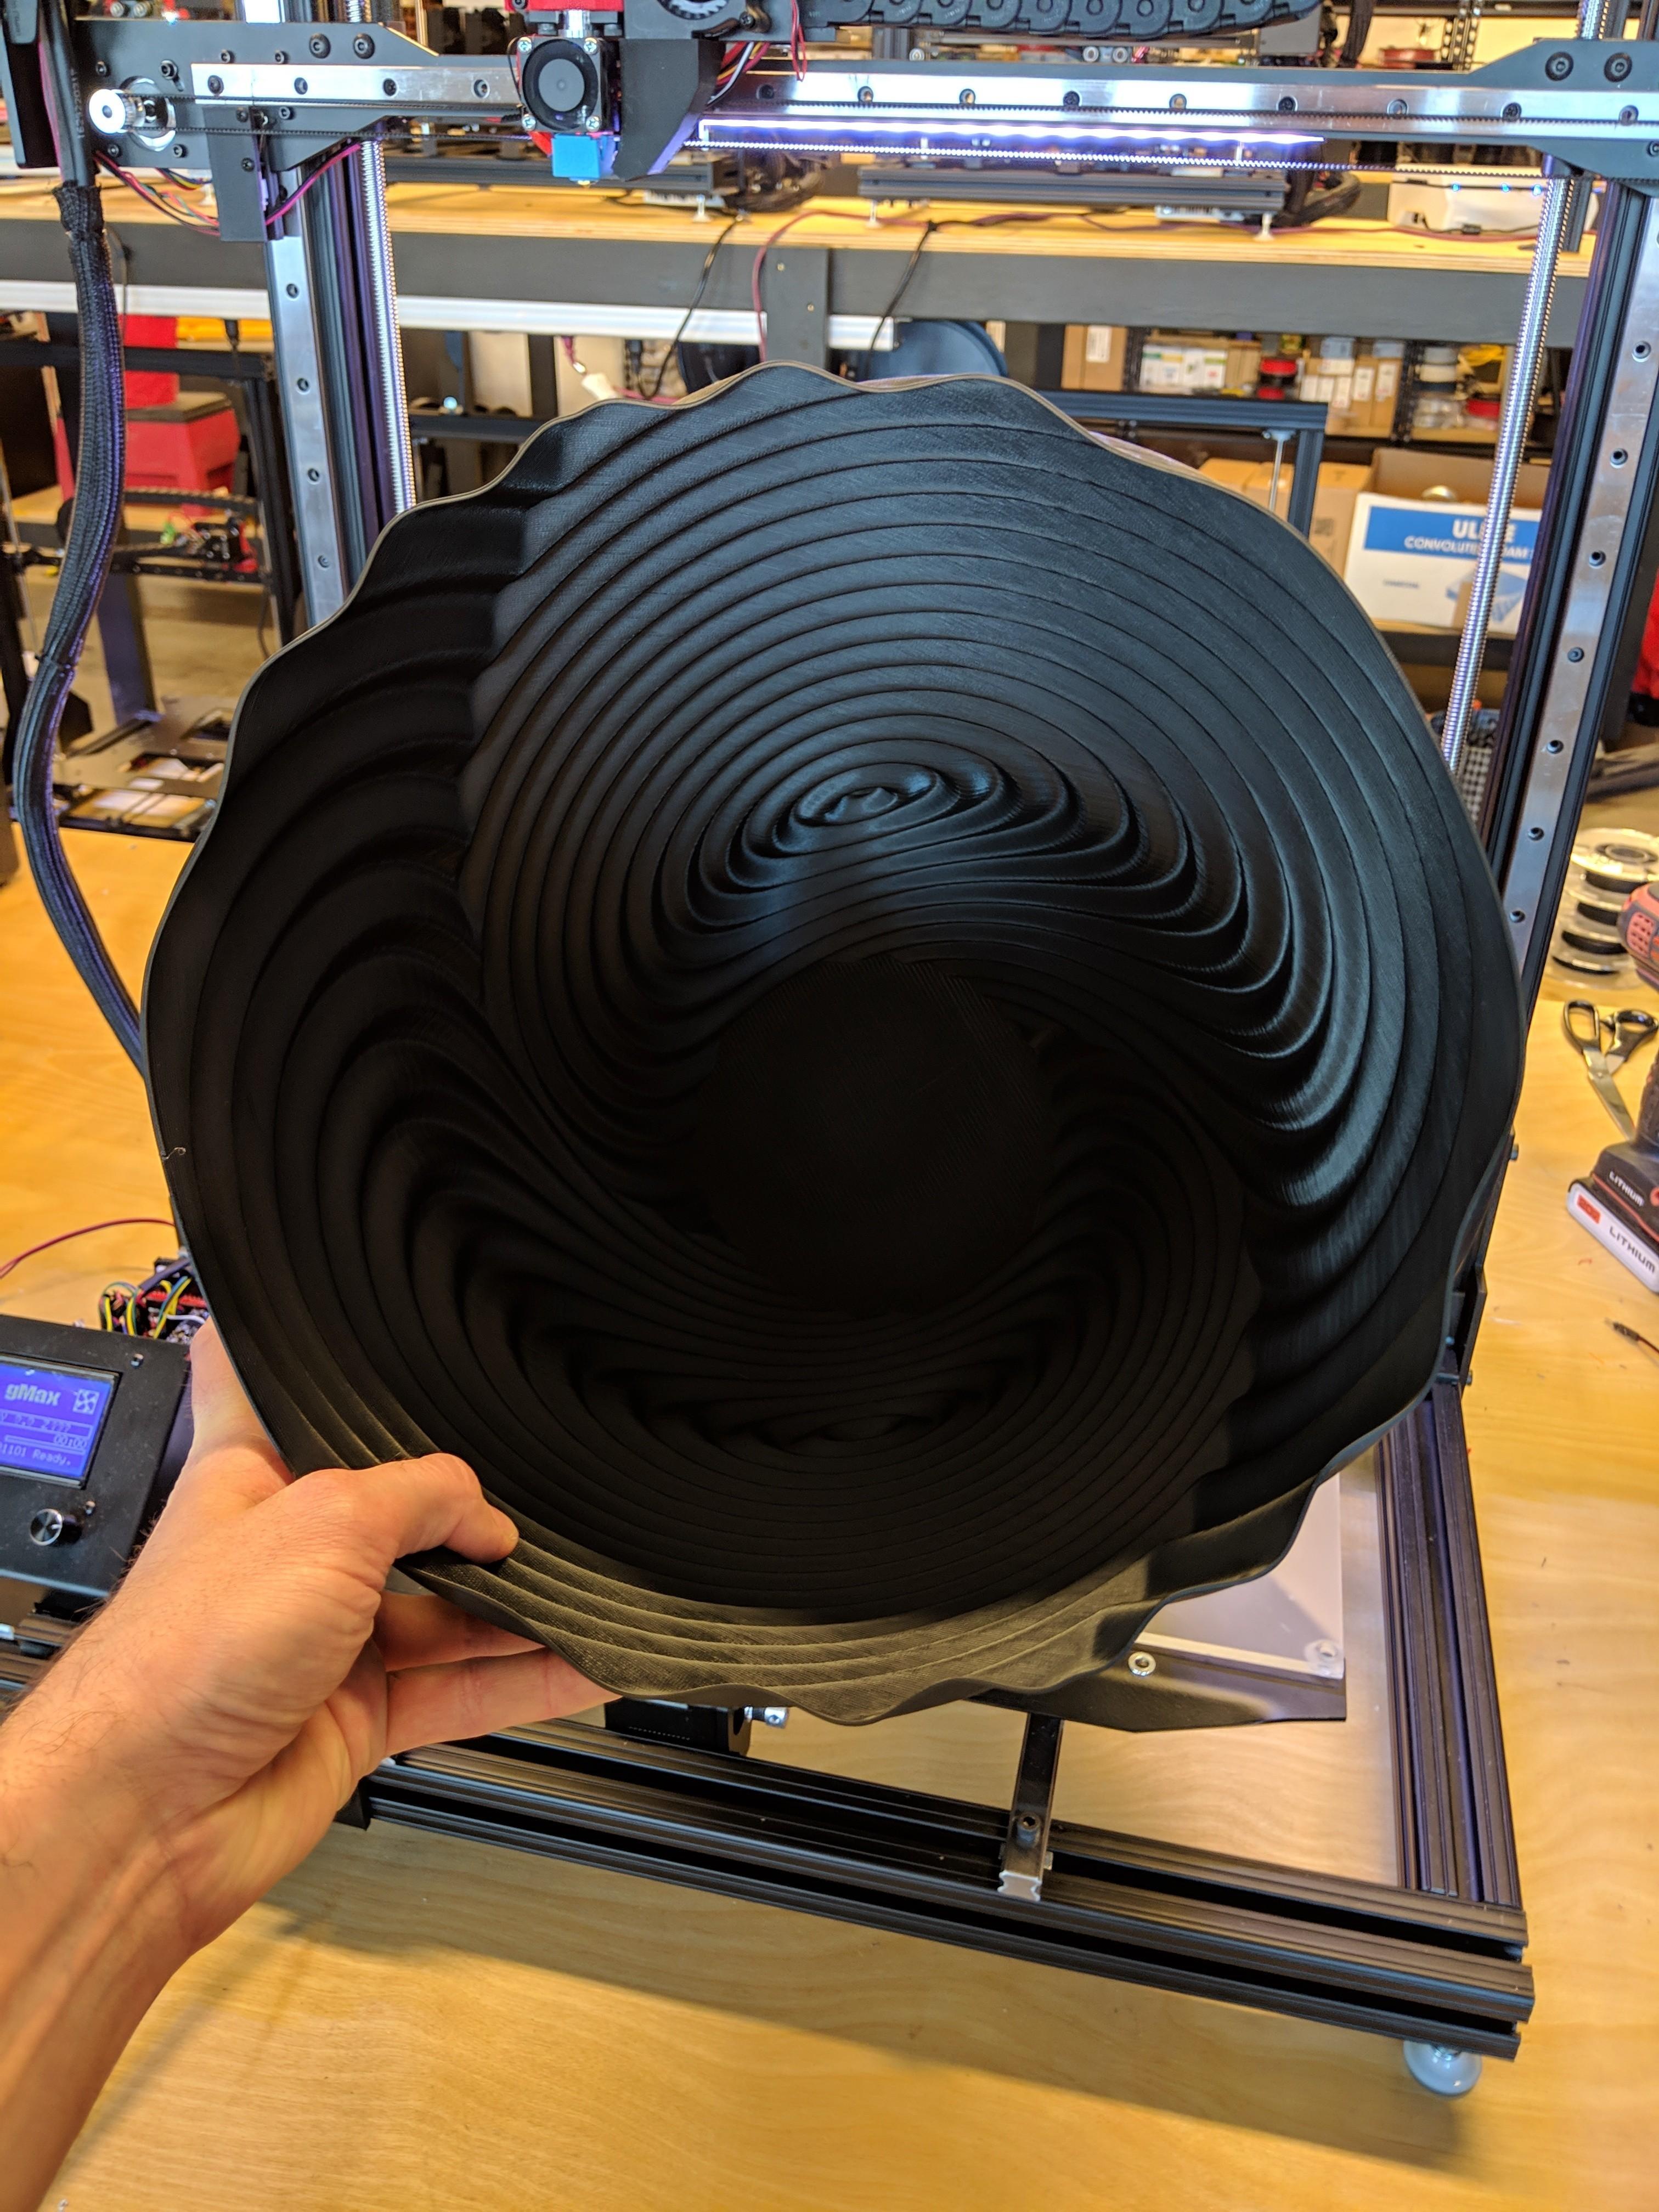 ripple_twist_vase (7).jpg Télécharger fichier STL gratuit Vase torsadé gMax pour vase à ondulation torsadée • Plan pour impression 3D, gCreate